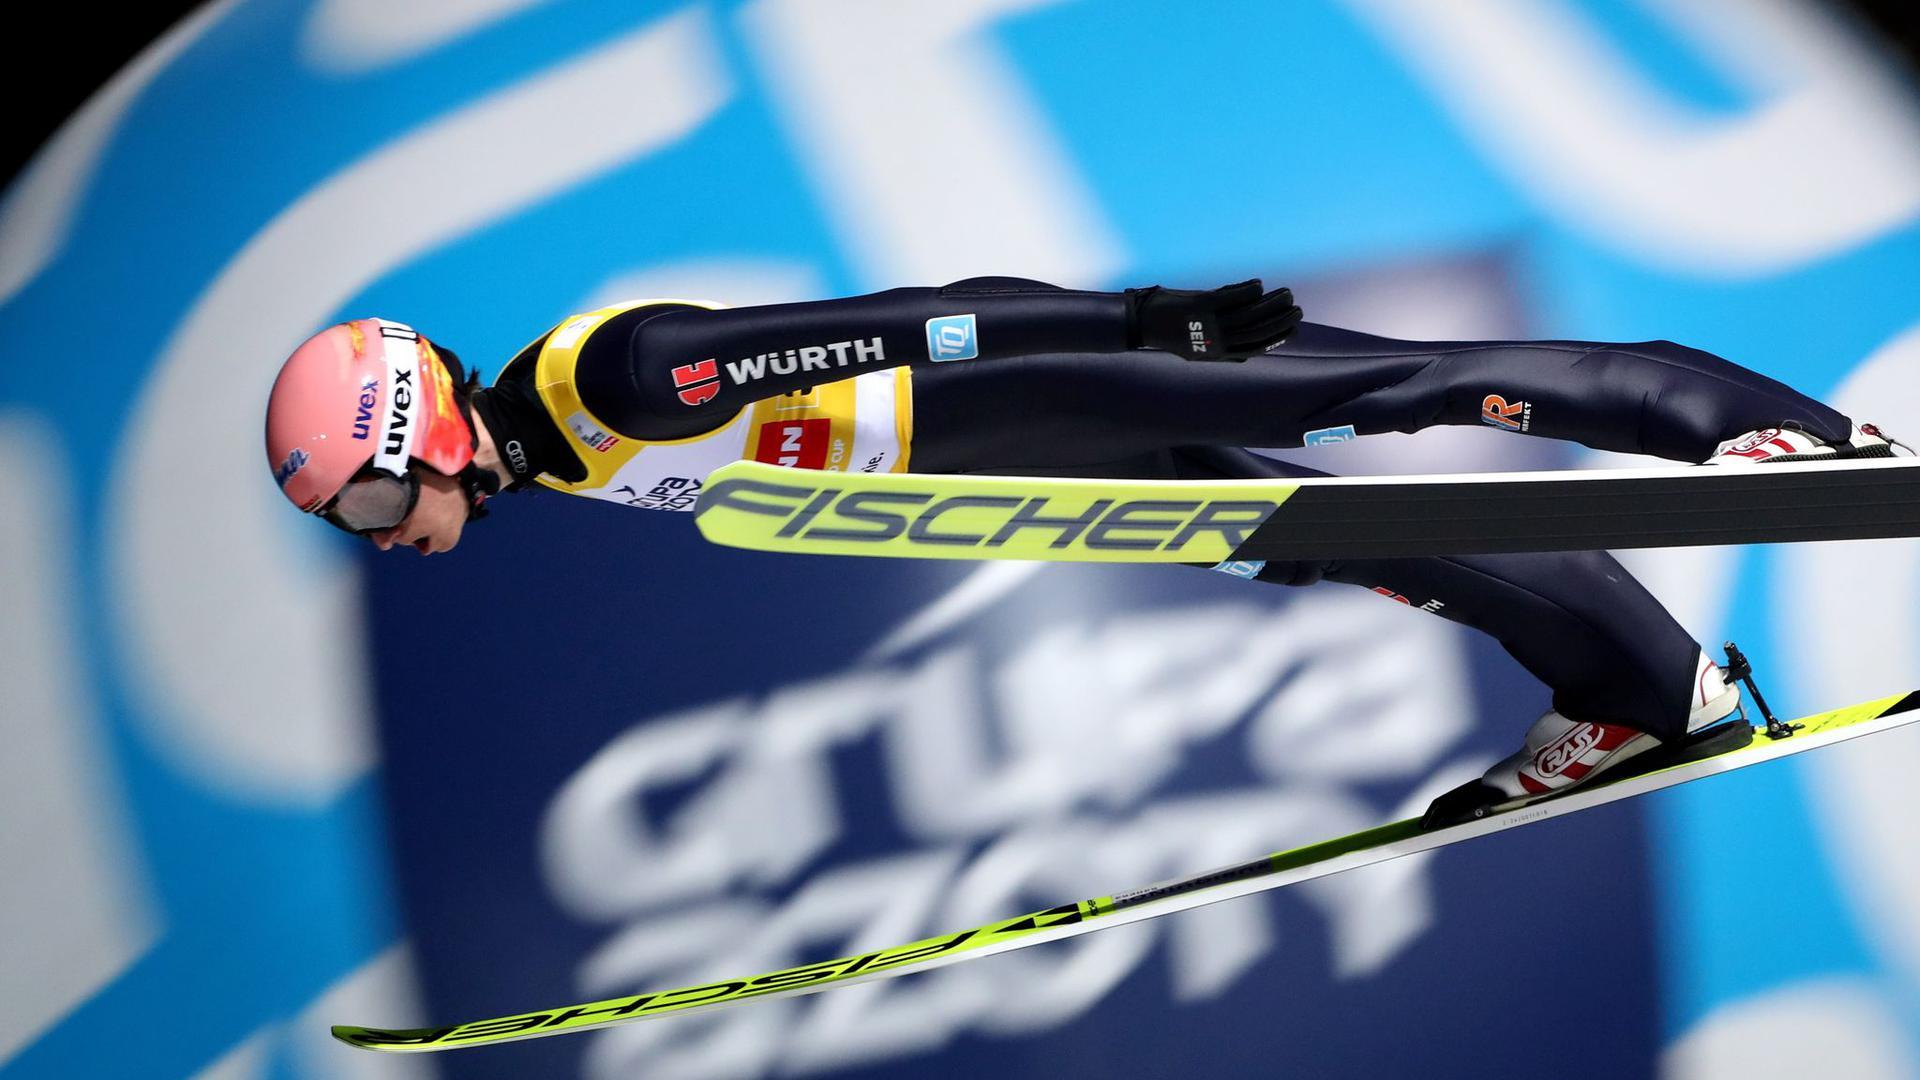 Im Skisprung-Weltcup schauen alle gespannt auf das erste Einzel-Springen: Karl Geiger aus Deutschland in Aktion.